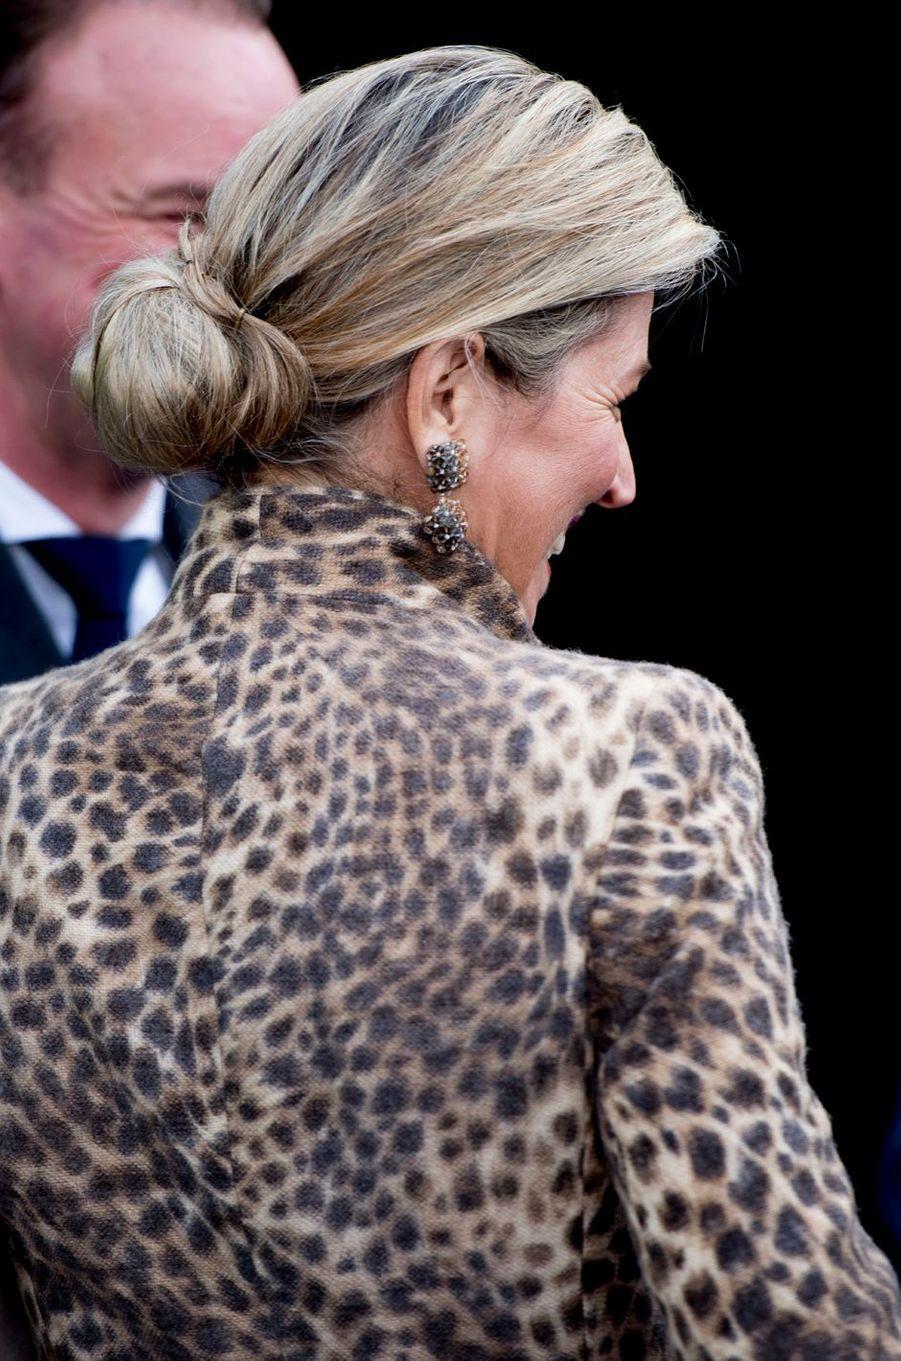 Le chignon de la reine Maxima des Pays-Bas à Enschede, le 22 novembre 2016